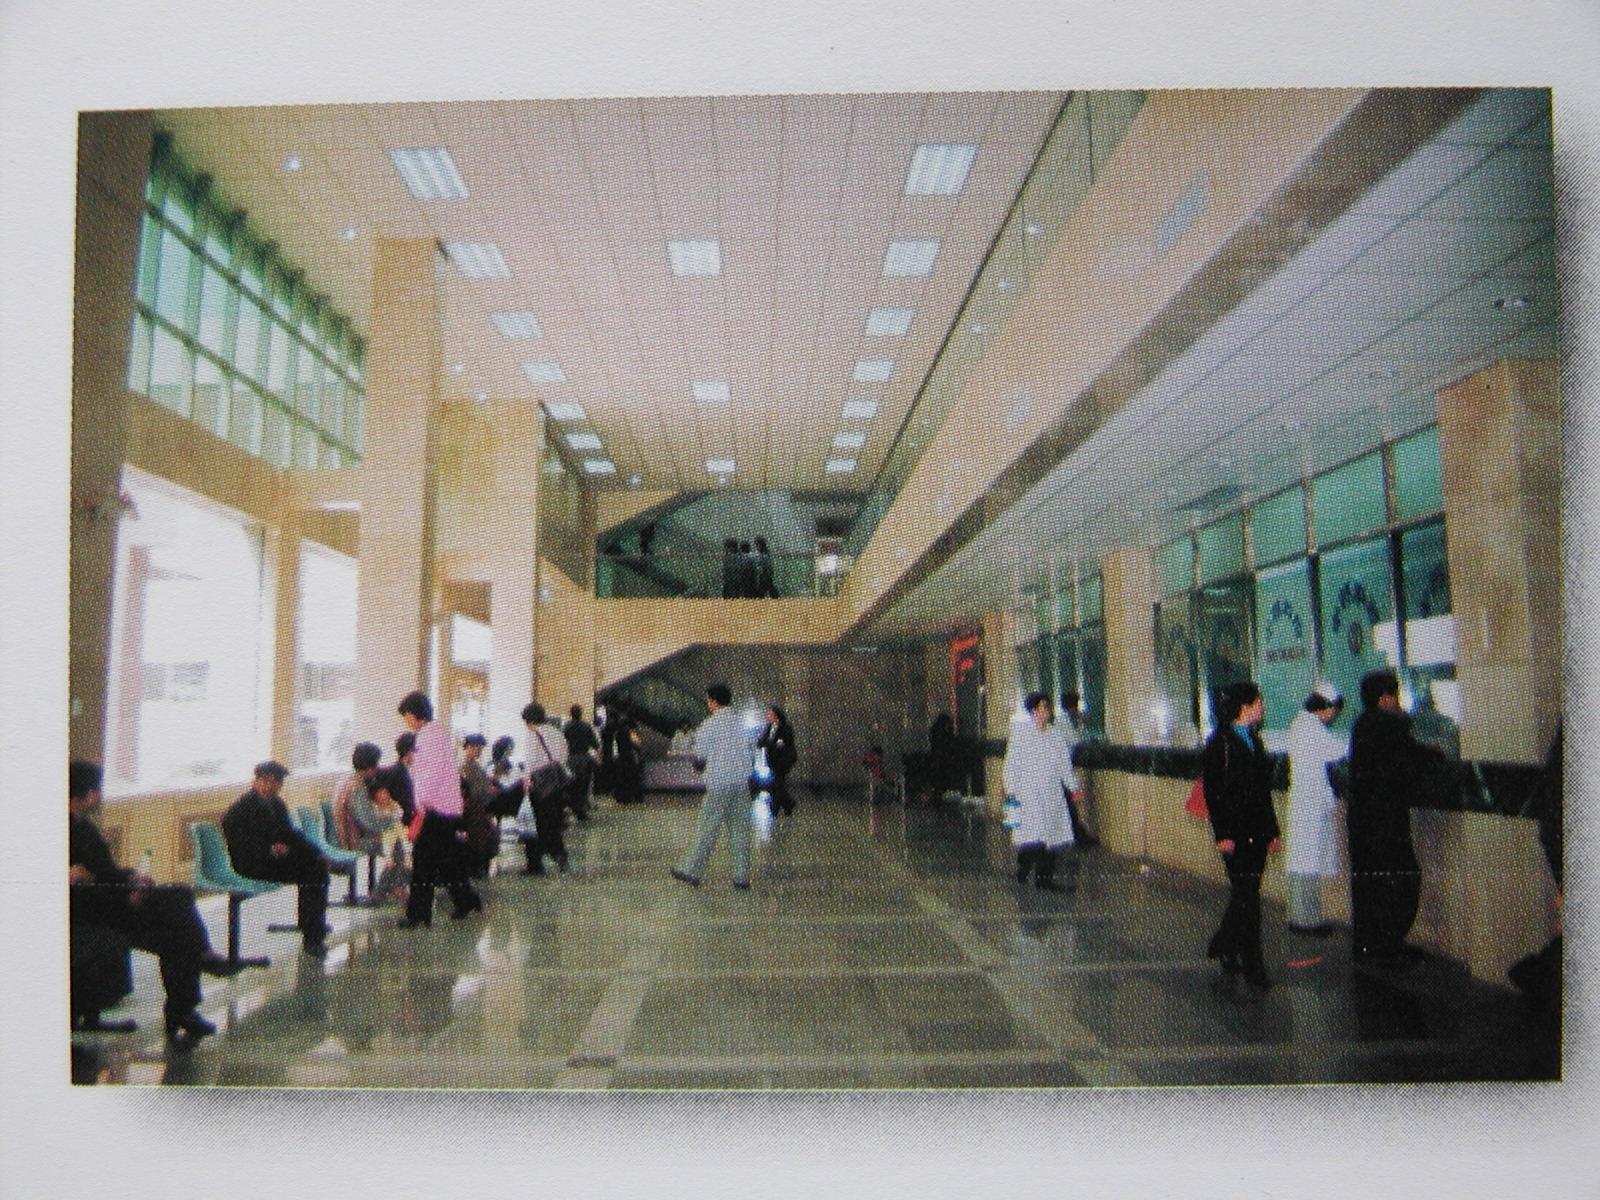 郑州大学第二附属医院环境图5